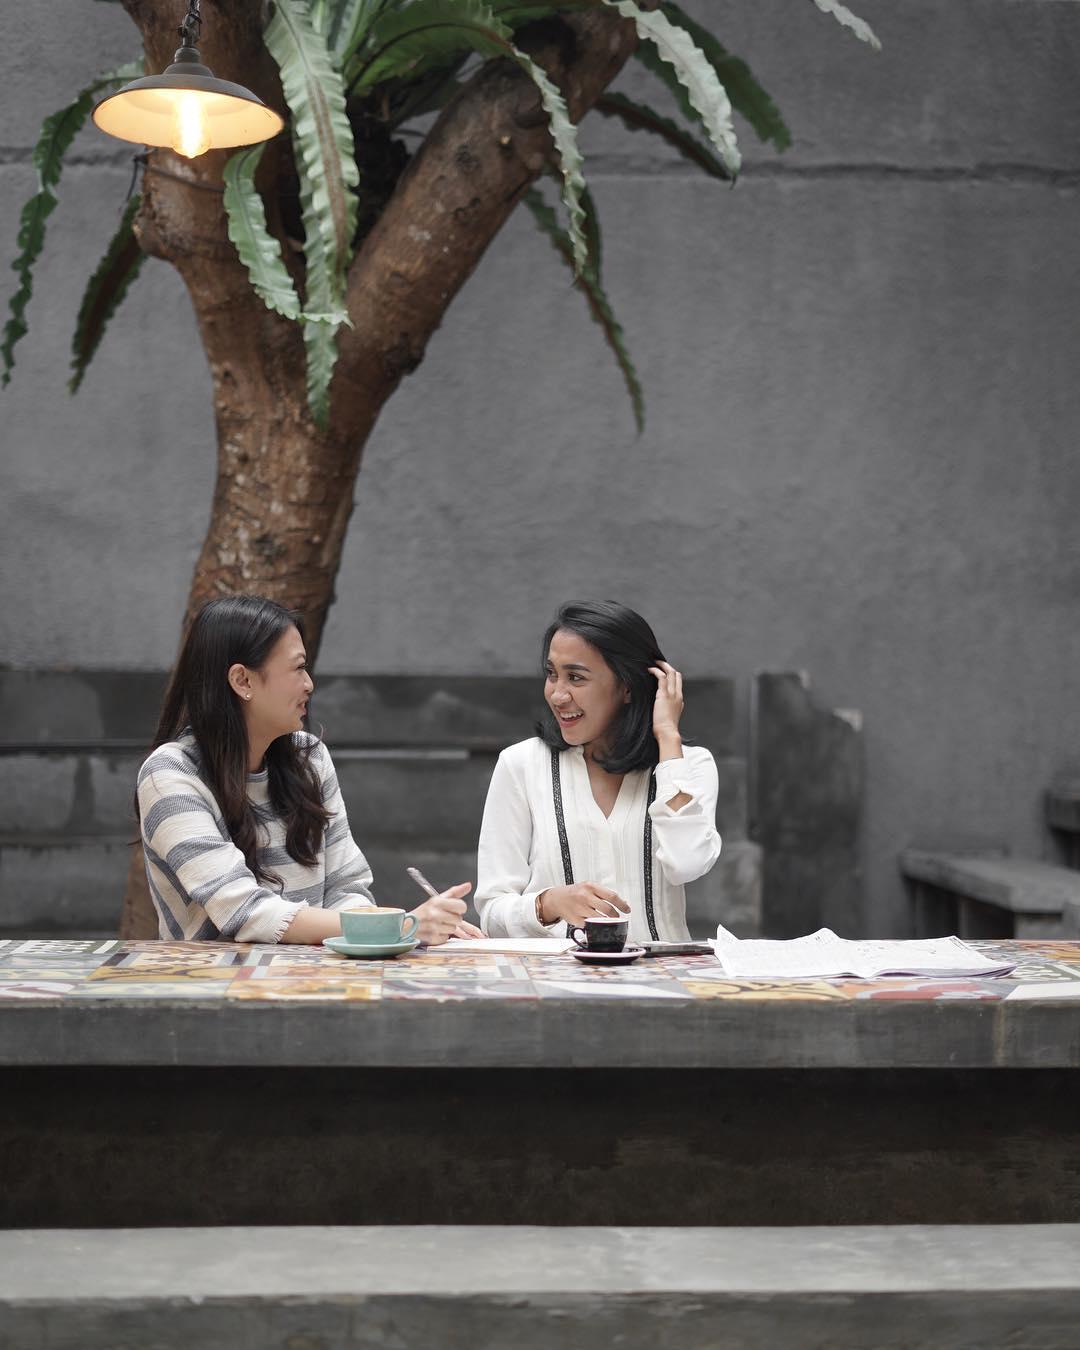 Lantai Bumi Coffee & Space, Lantai Bumi Coffee & Space Yogyakarta, Yogyakarta, Kota Yogyakarta, Dolan Dolen, Dolaners Lantai Bumi Coffee Space via lantaibumi - Dolan Dolen